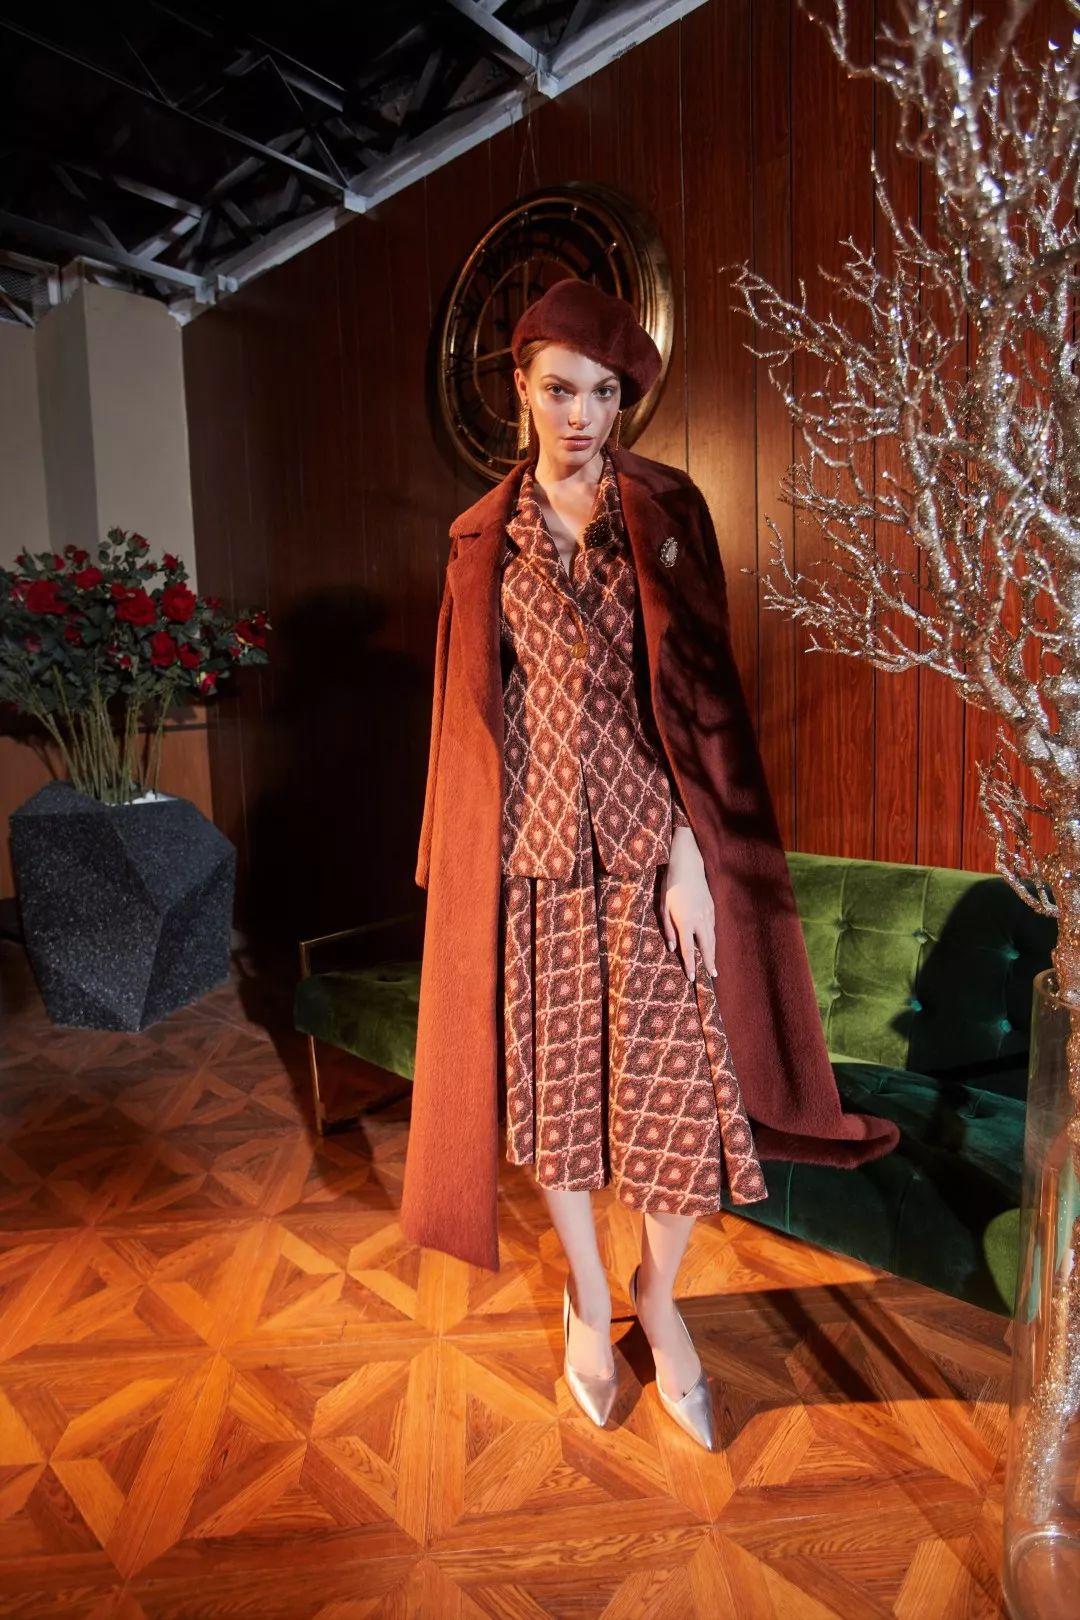 年末社交舞曲 - 初雪之时,你是优雅高贵的美好_服装招商资讯